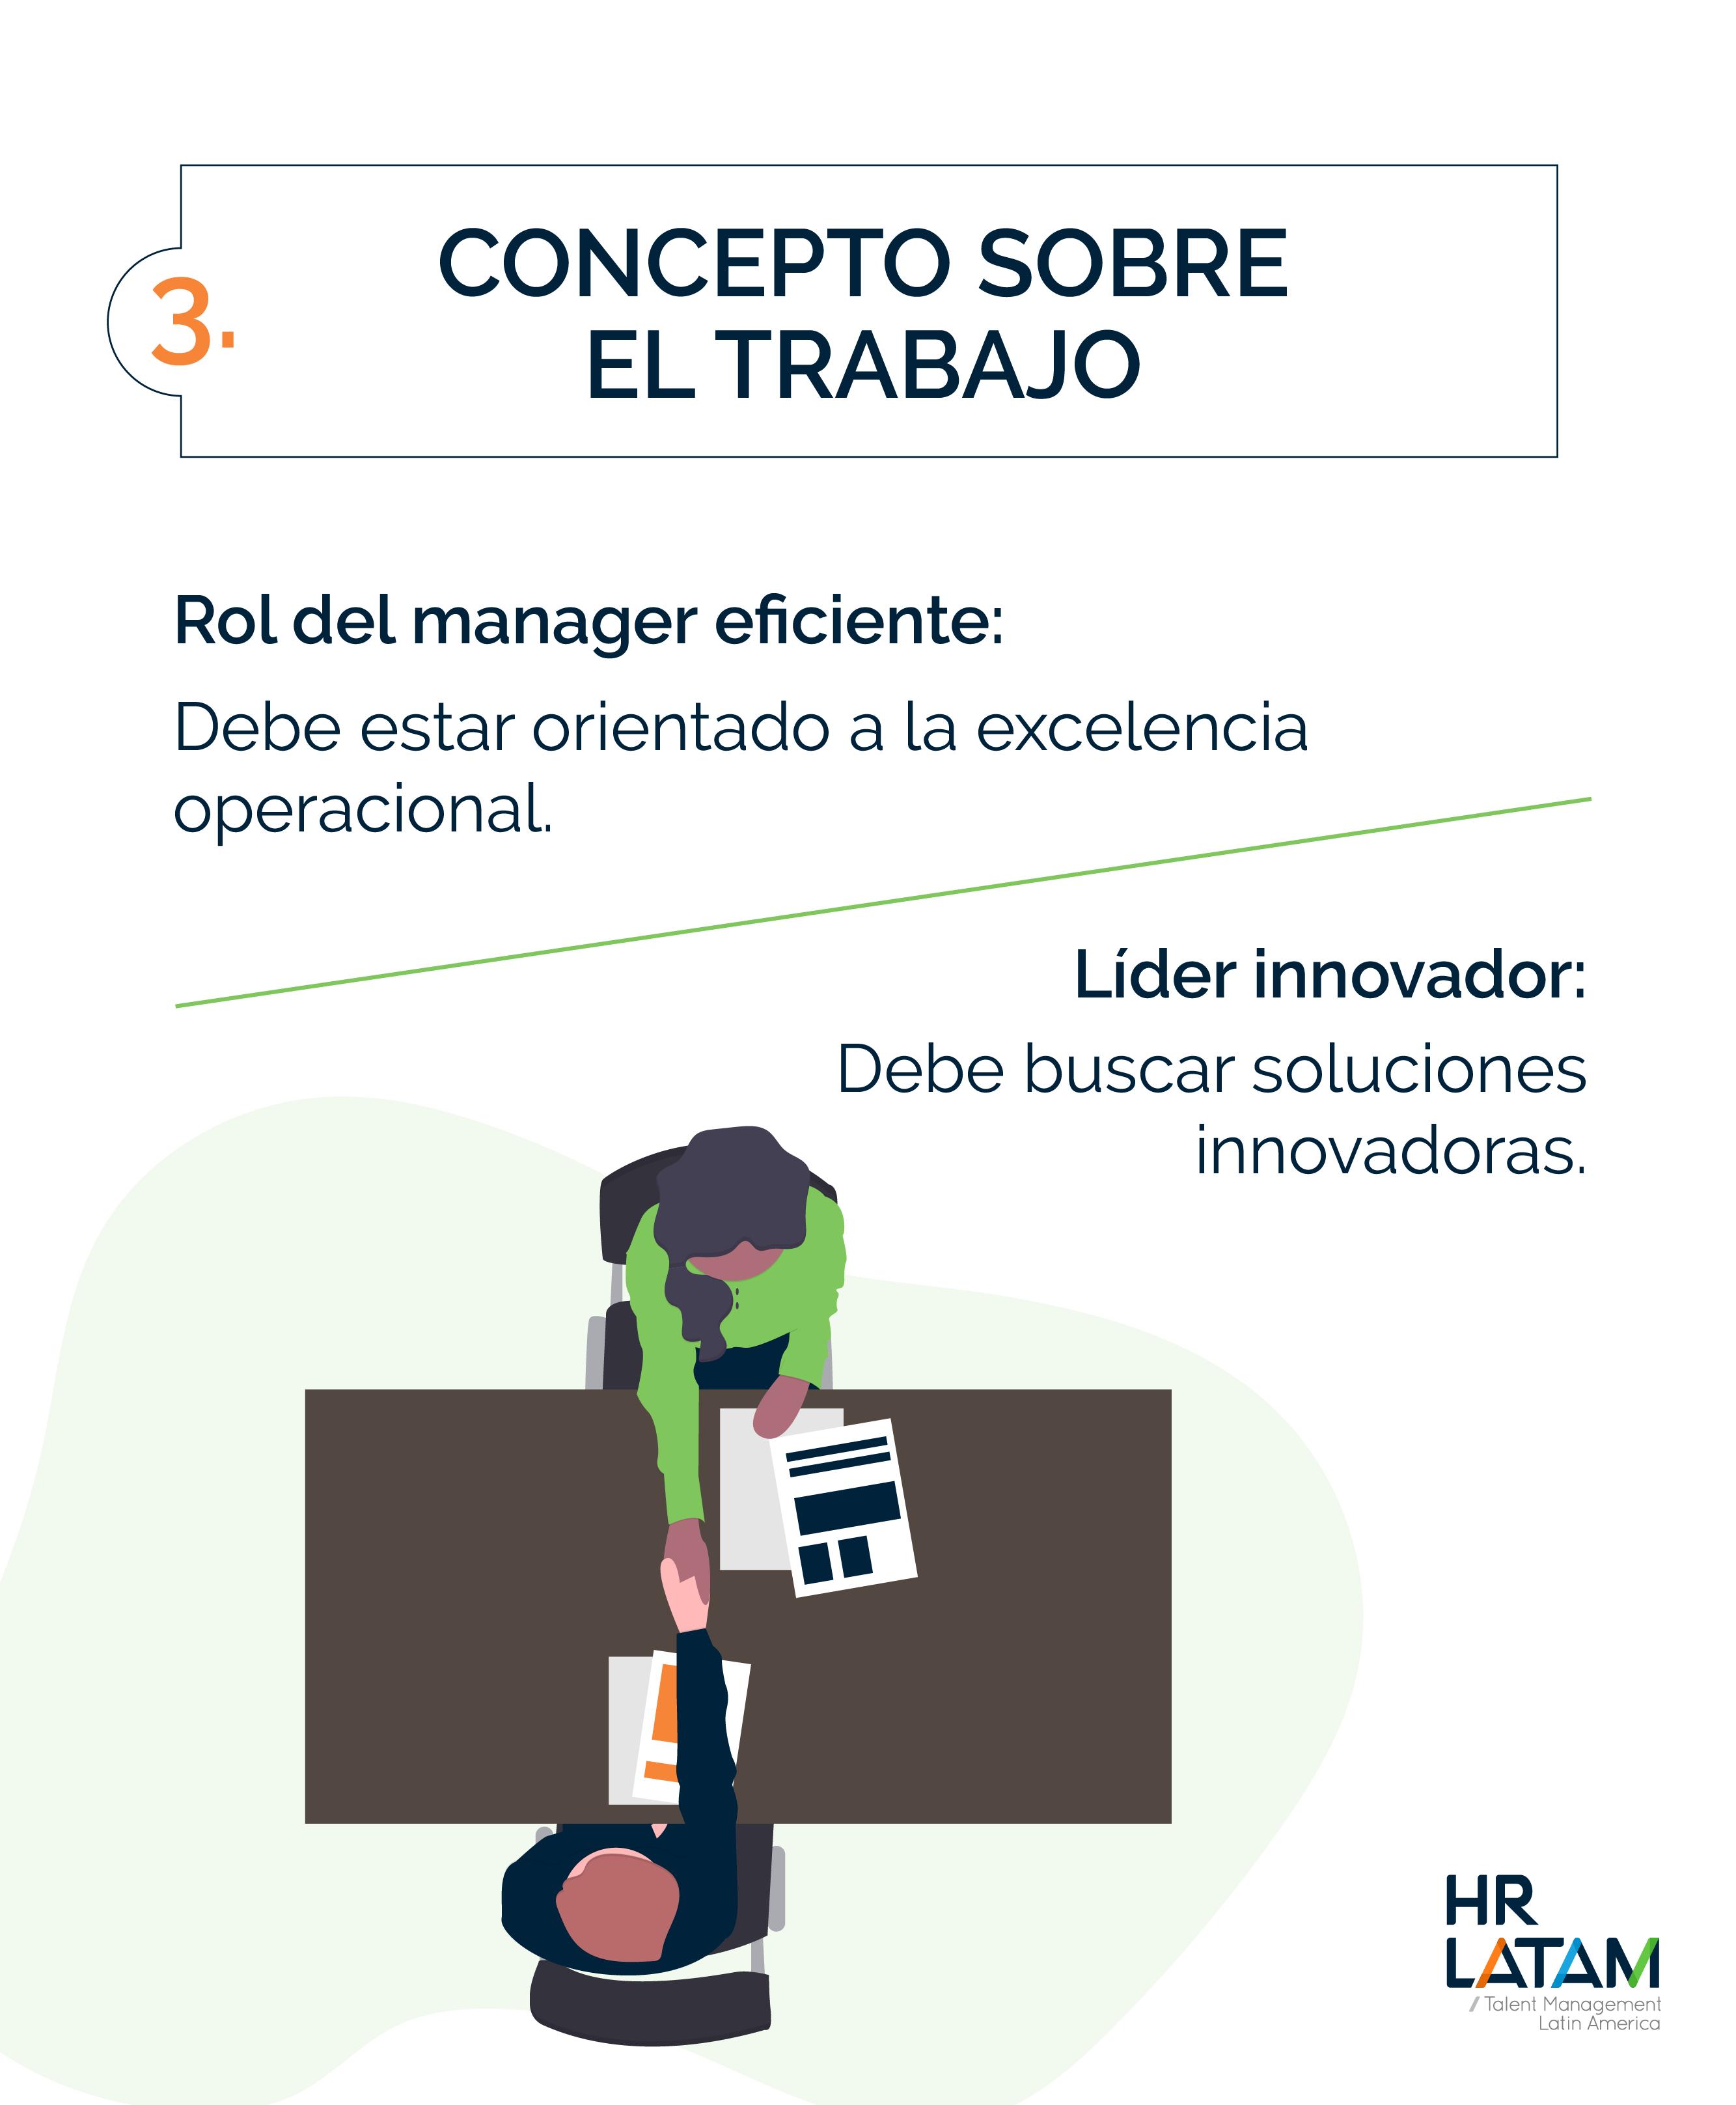 Concepto sobre el trabajo